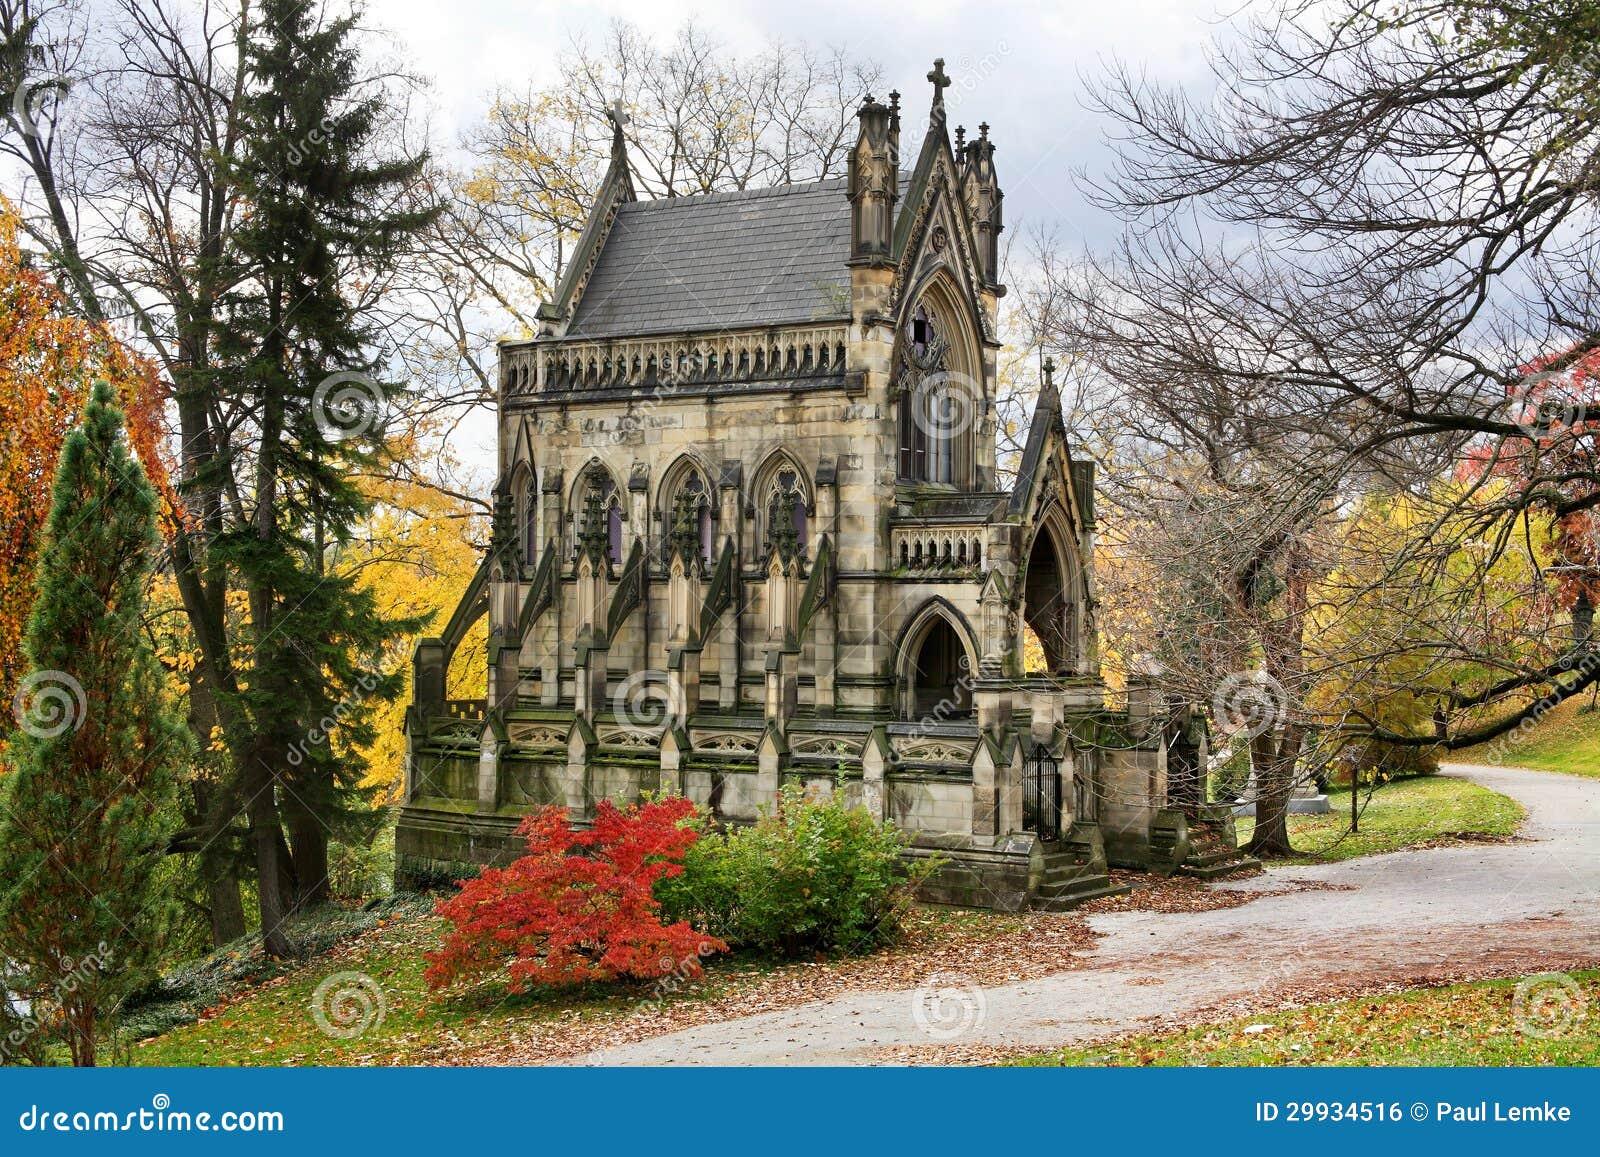 Mausol e gothique de cath drale image libre de droits image 29934516 - Une cathedrale gothique ...